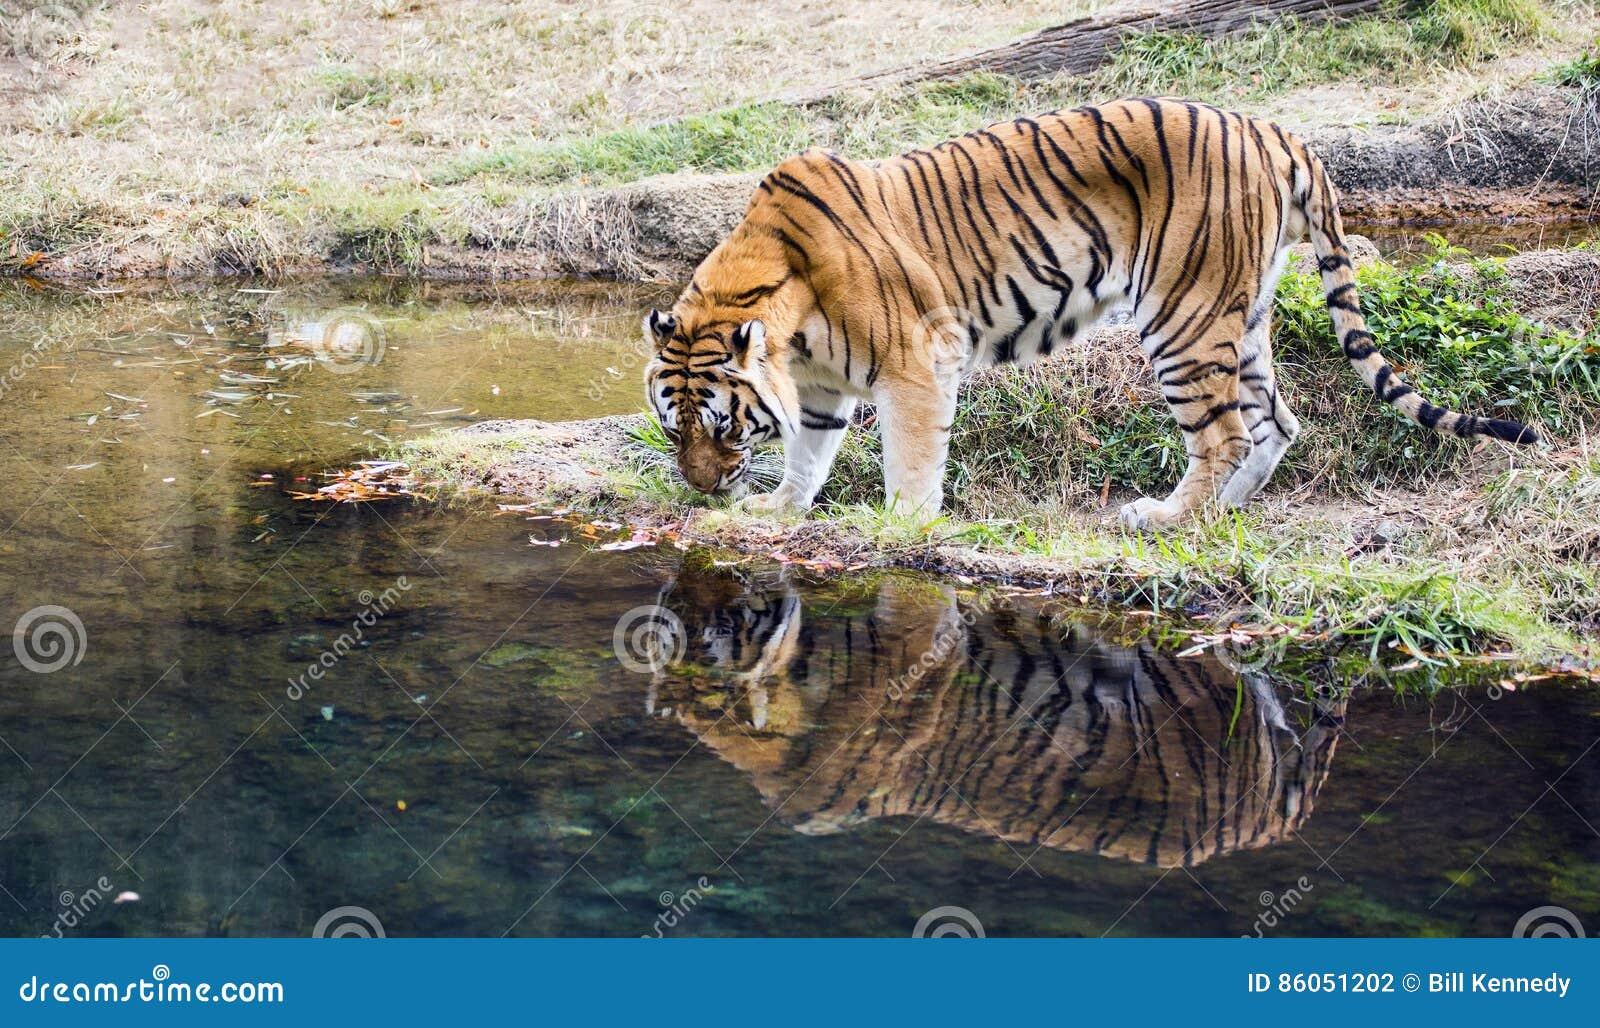 Canzoni Di Tigre Del Bengala Download Gratuito 2015 Video